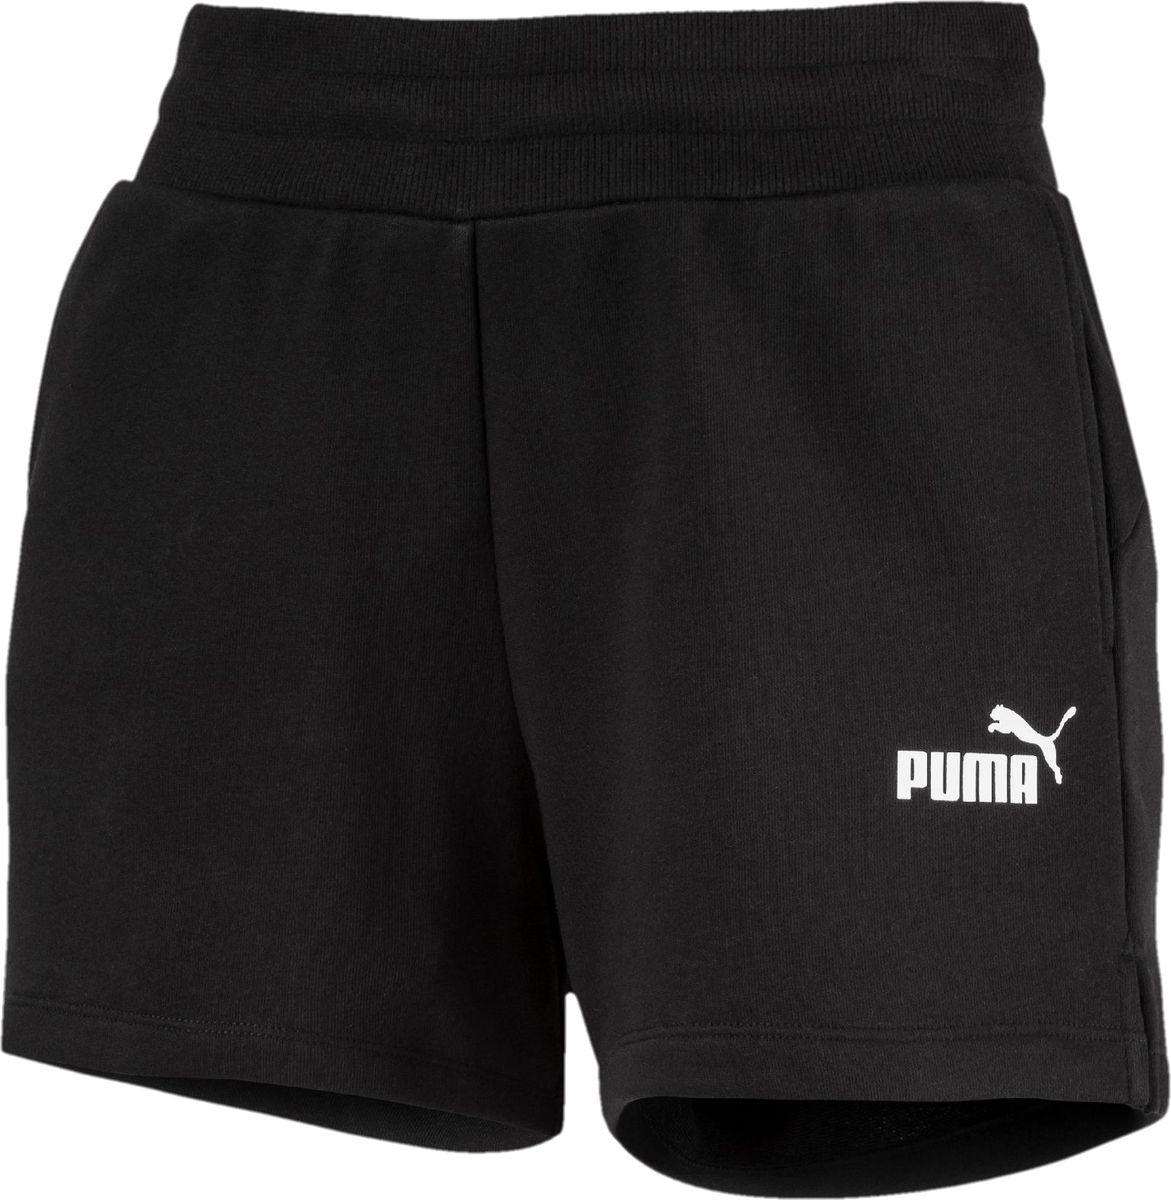 Шорты PUMA Essentials Sweat Shorts цена